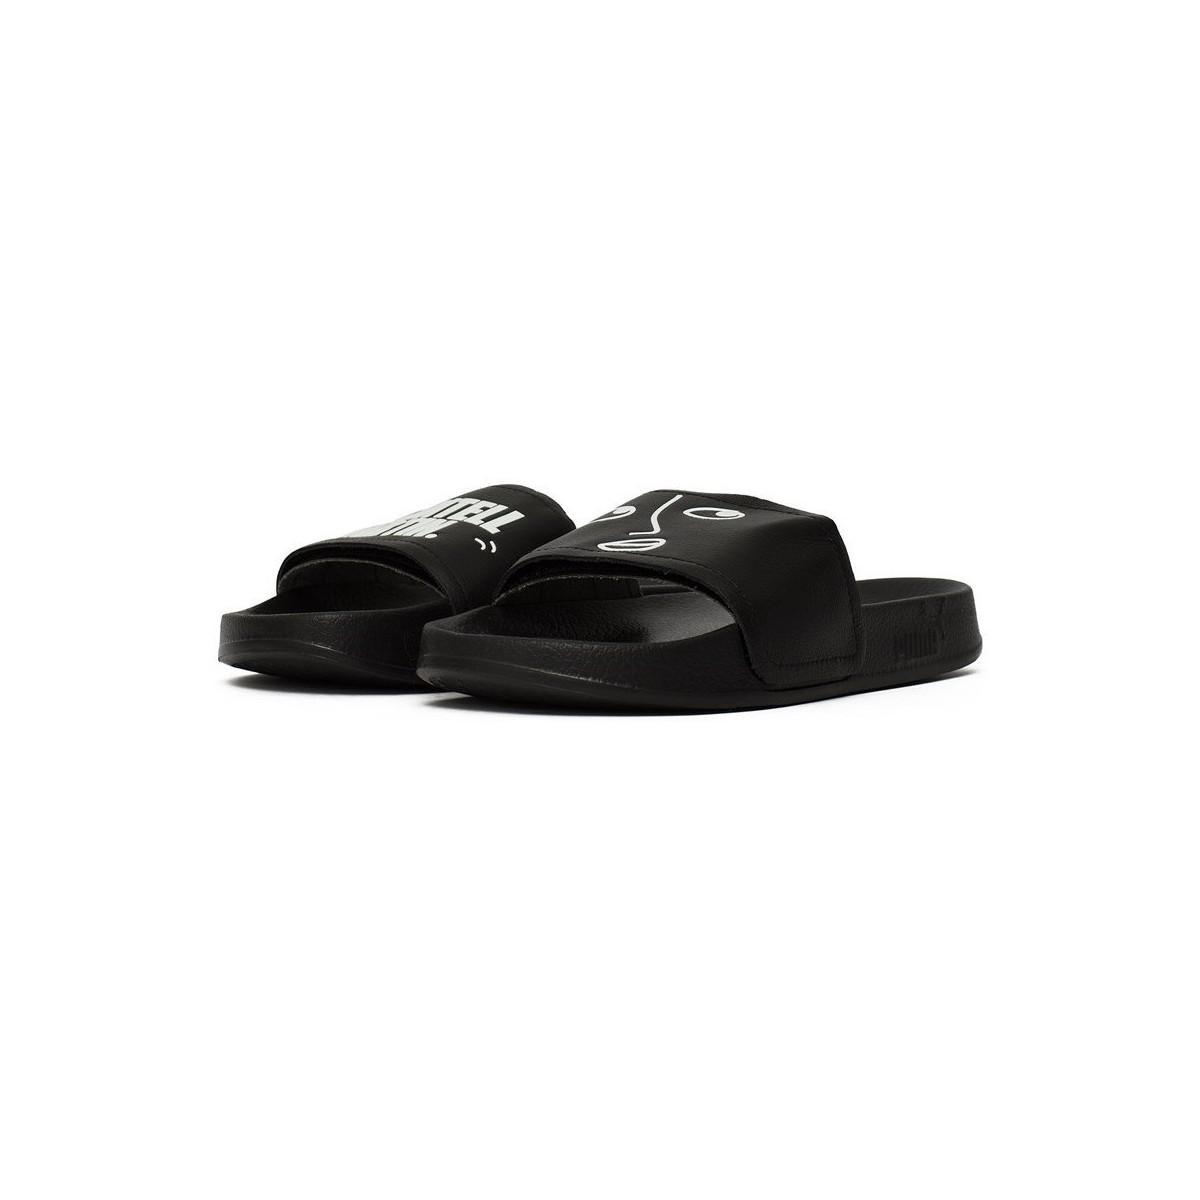 PUMA - X Shantell Martin Leadcat V Women s In Black for Men - Lyst. View  fullscreen 07f1945db